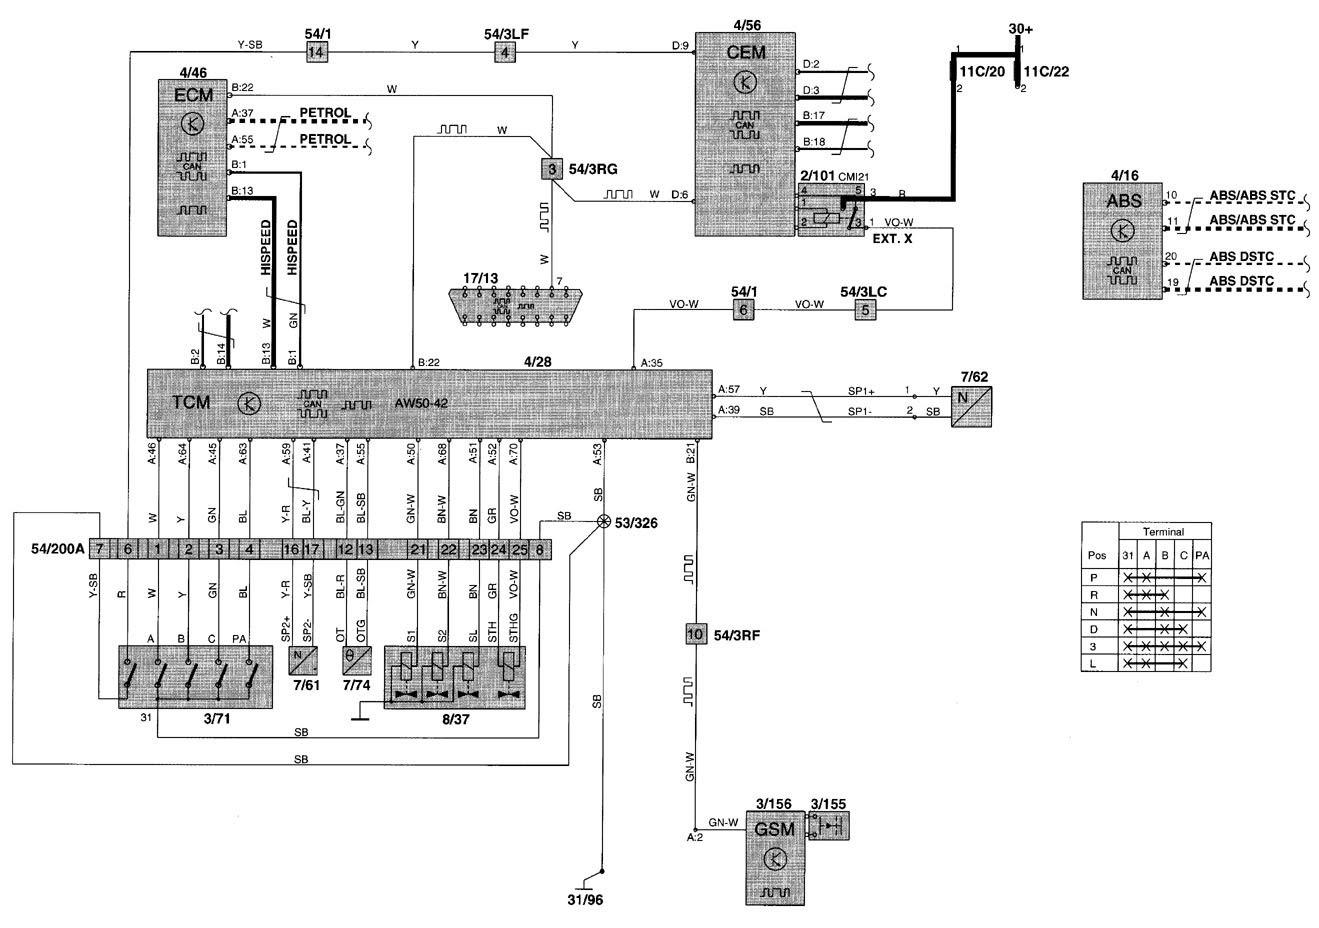 1995 Ford Aspire Radio Wiring Diagram - Wiring Diagram Schema